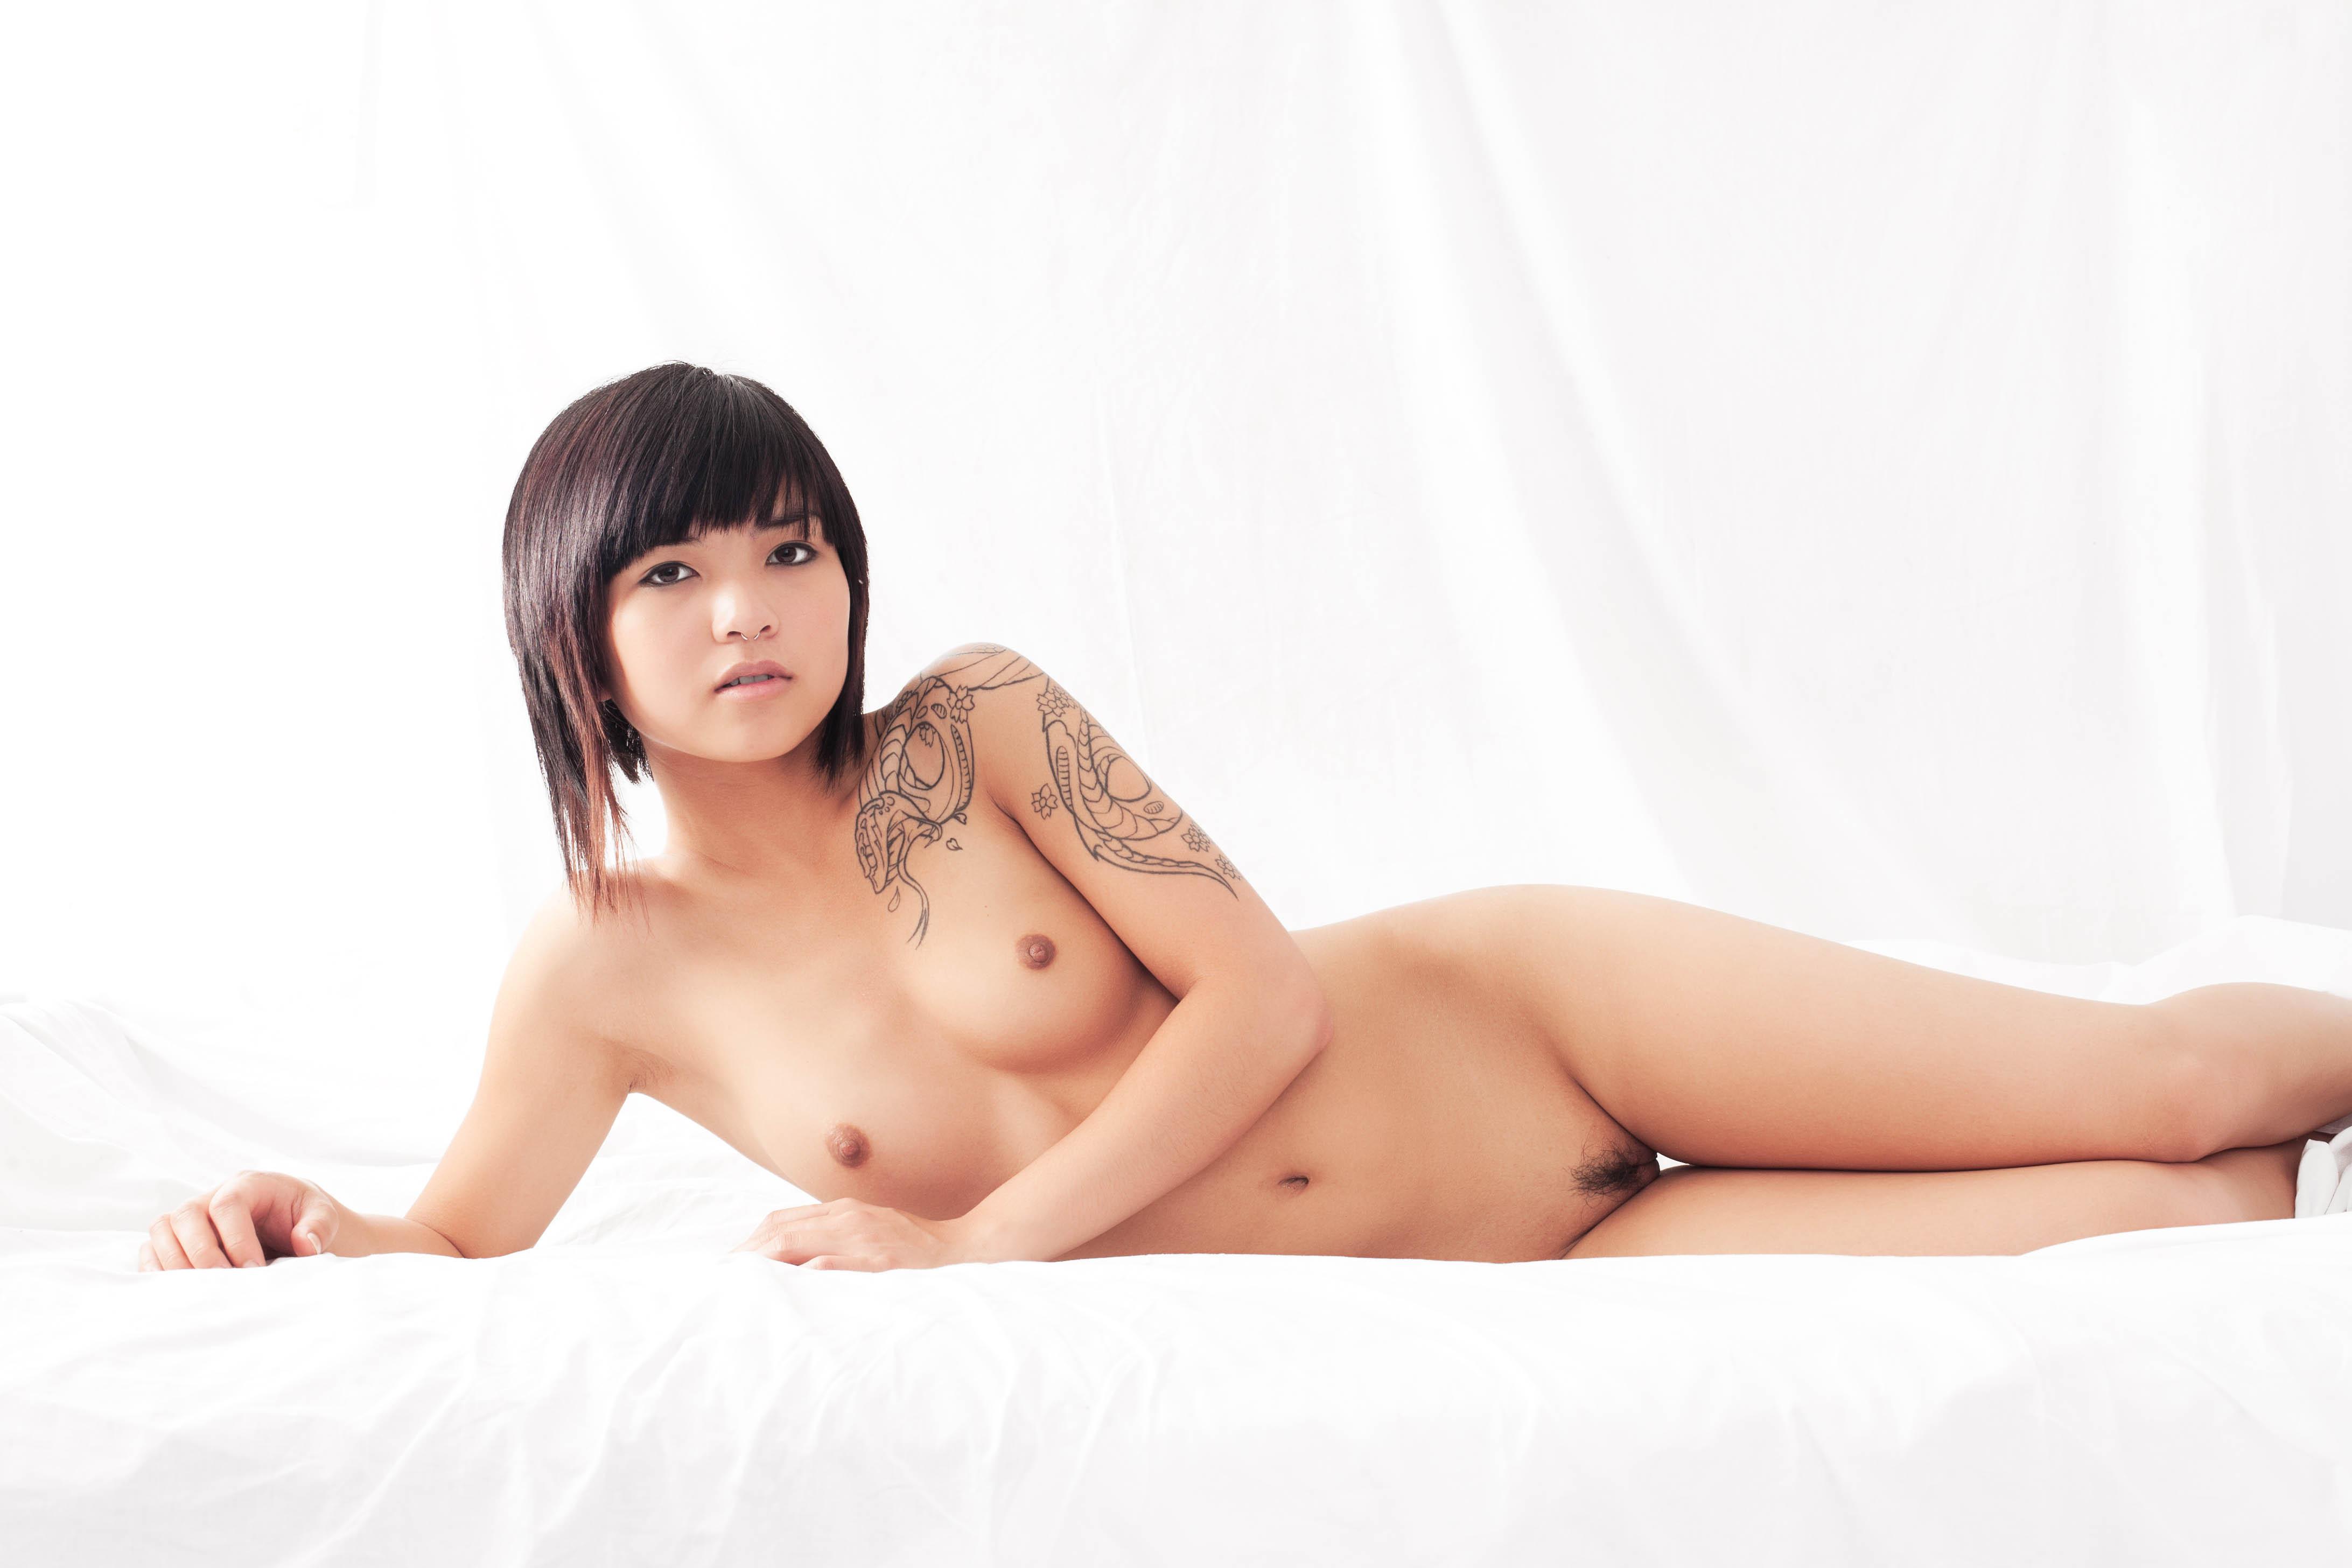 naked female asian atheletes